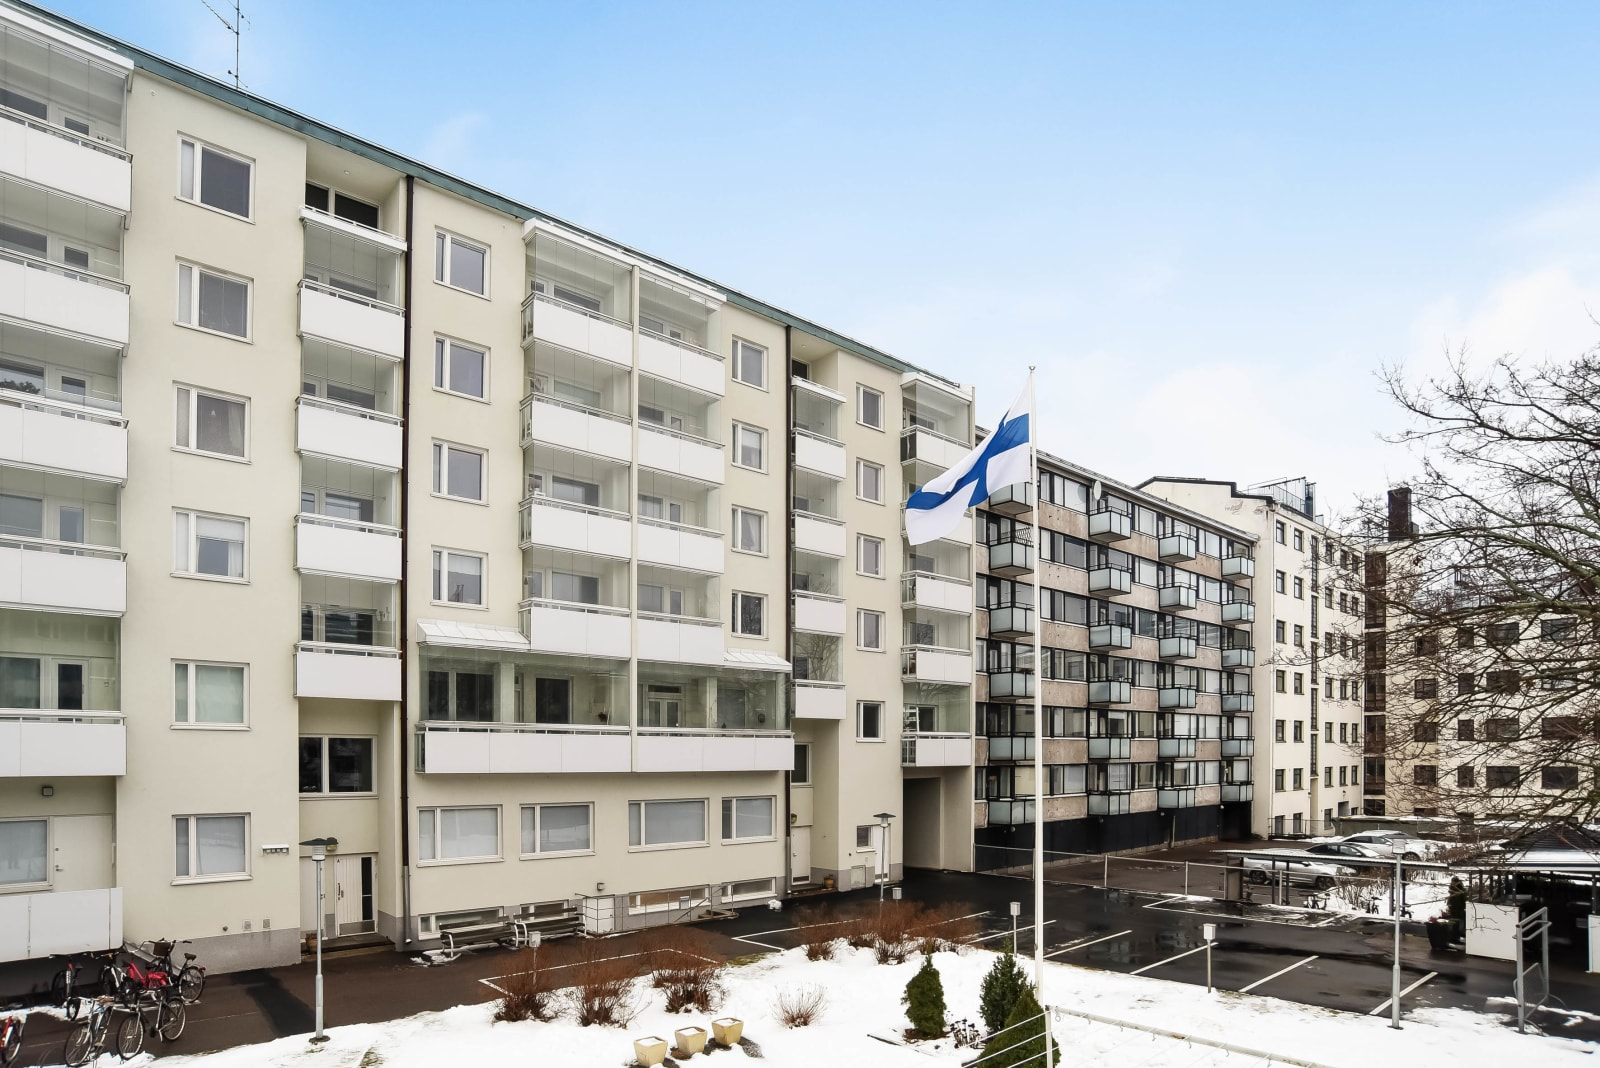 Helsinki, Kallio, Neljäs linja 24